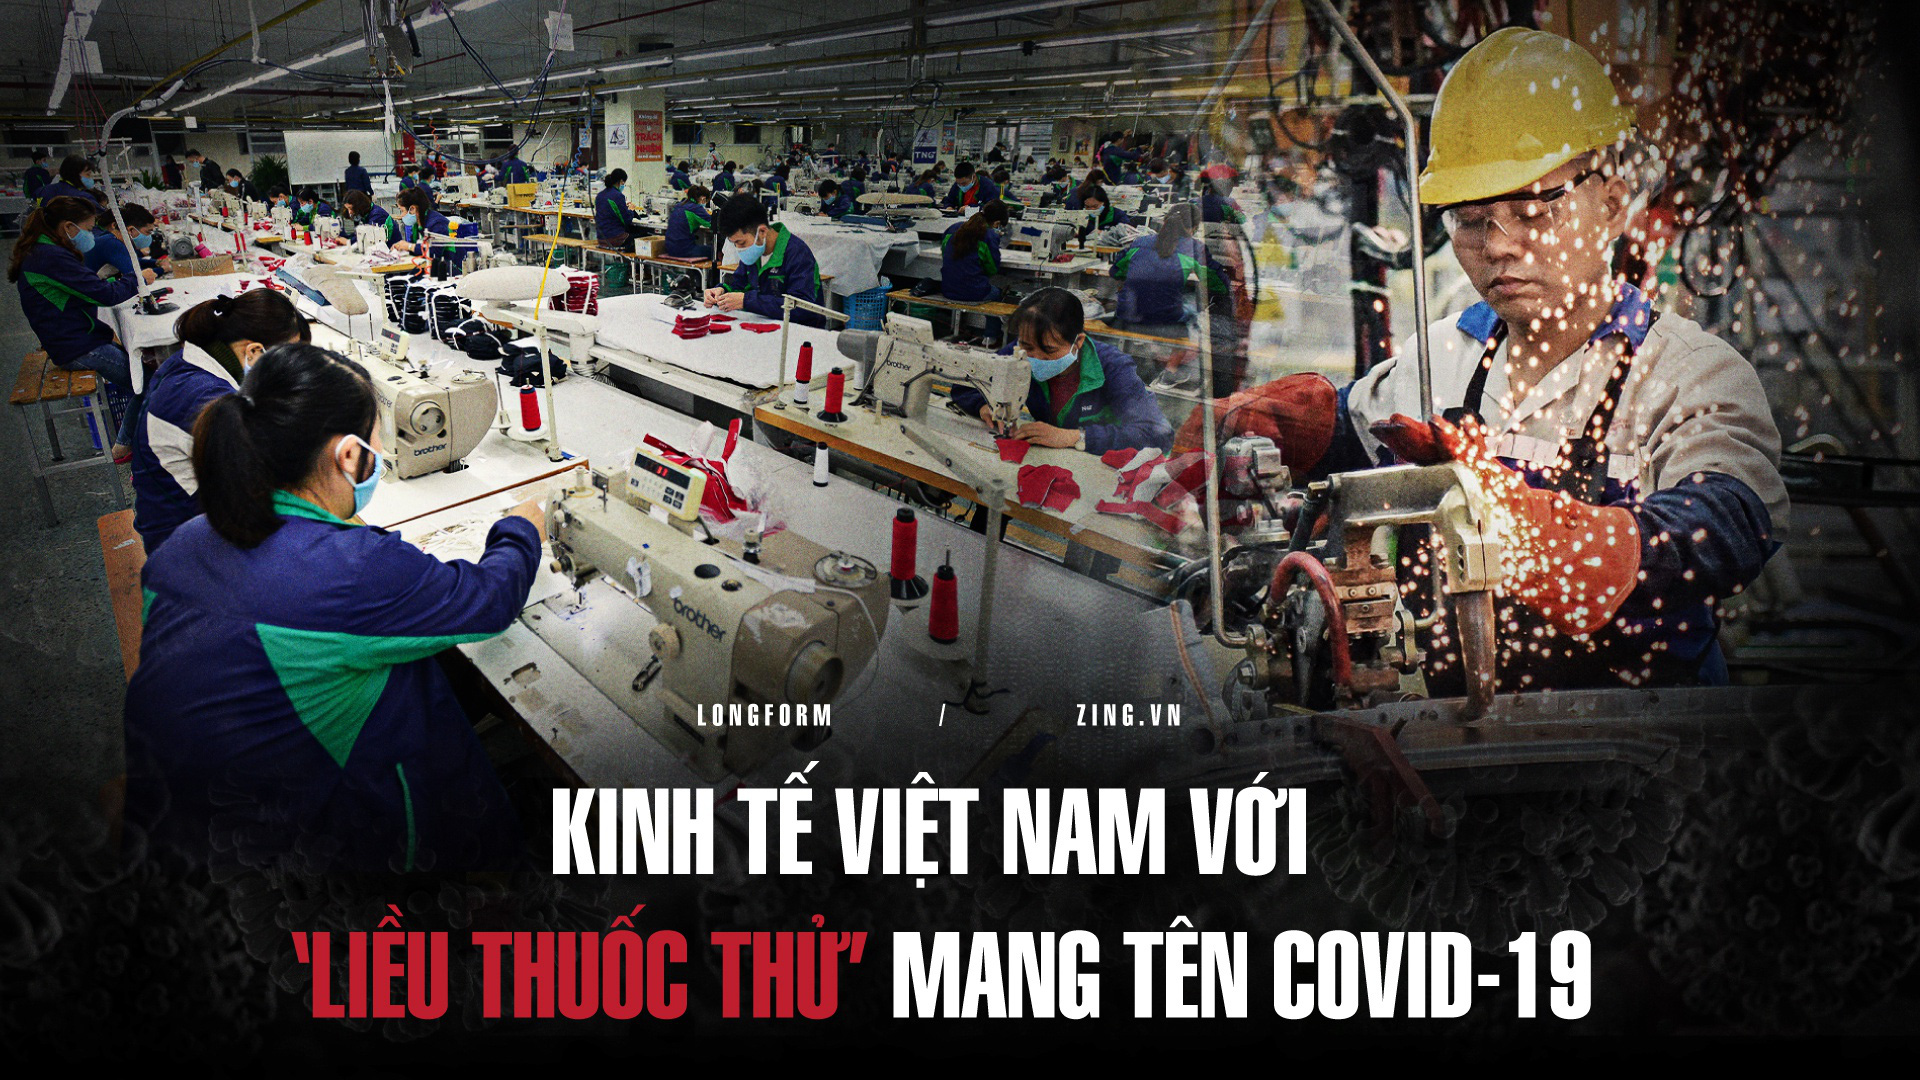 Kinh tế Việt Nam với 'liều thuốc thử' mang tên Covid-19